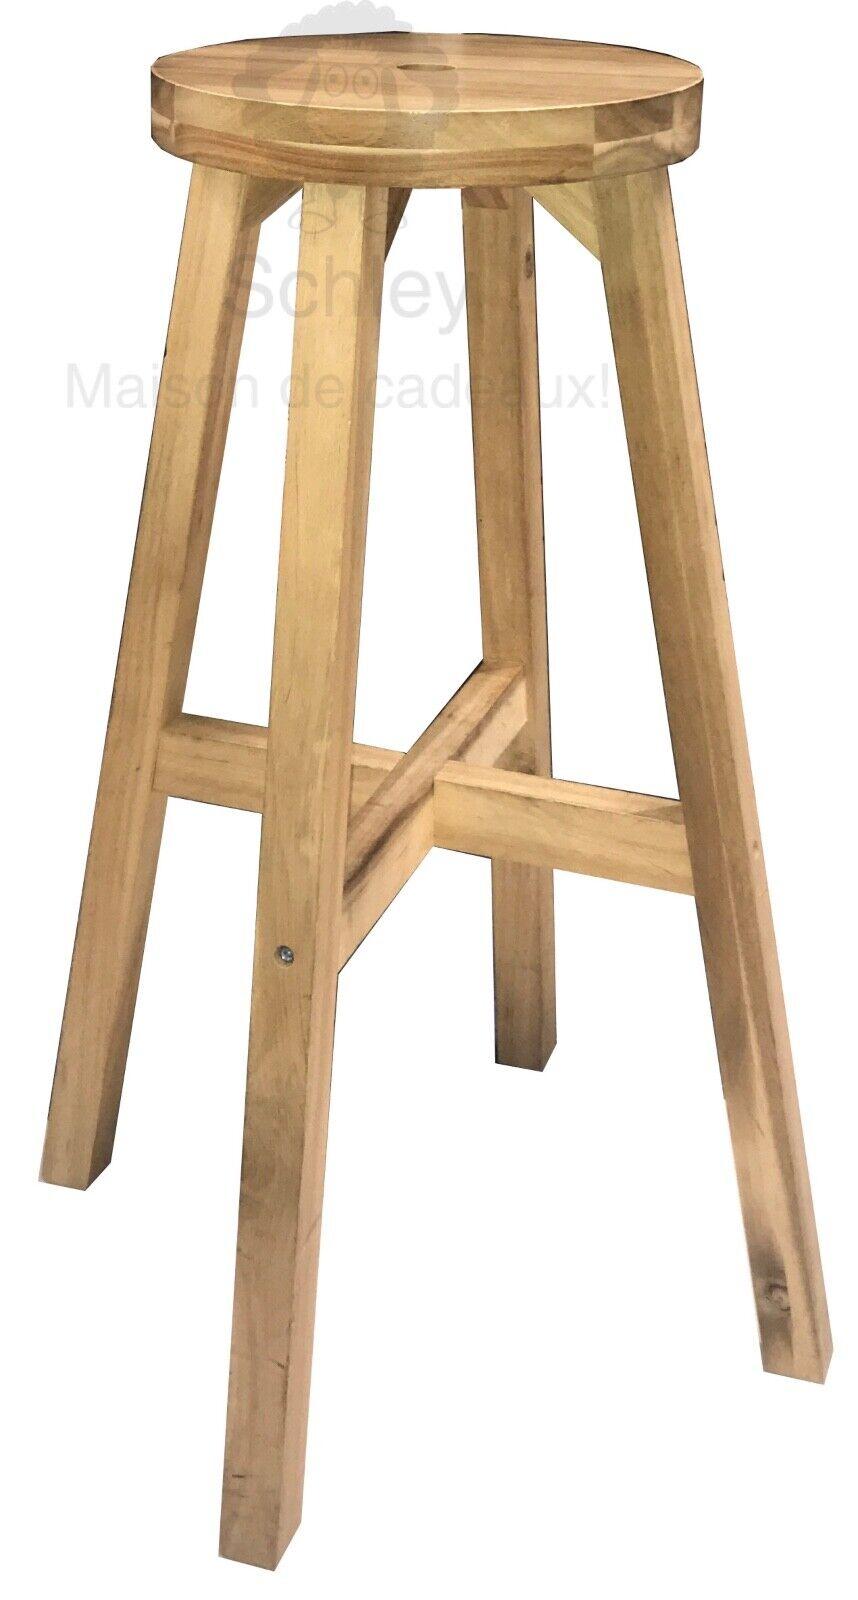 Ikea Skogsta Barhocker Akazie Massivholz Holzhocker Gunstig Kaufen Ebay